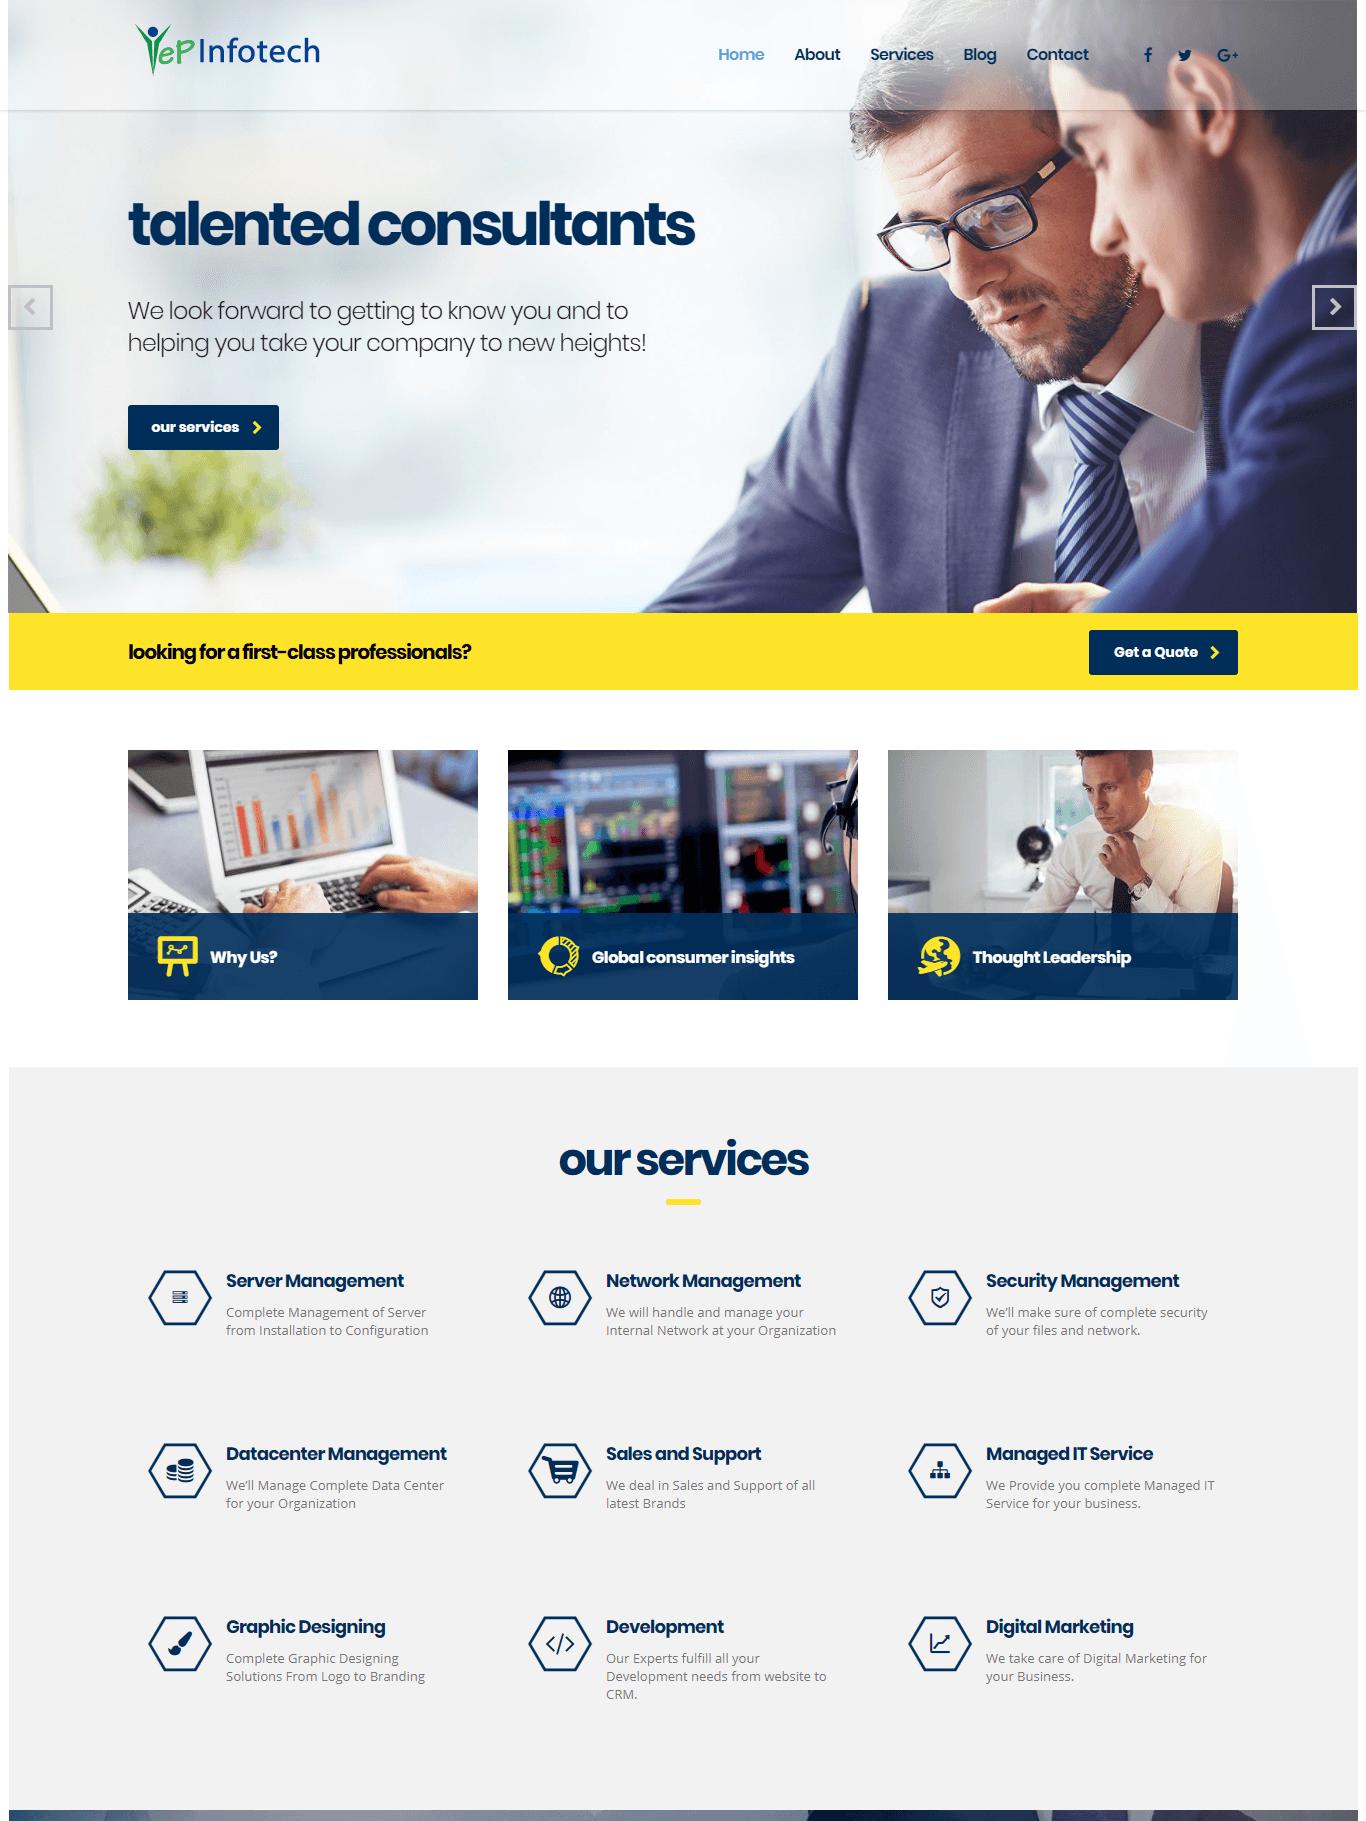 Yep Infotech net 1 - Yep Infotech